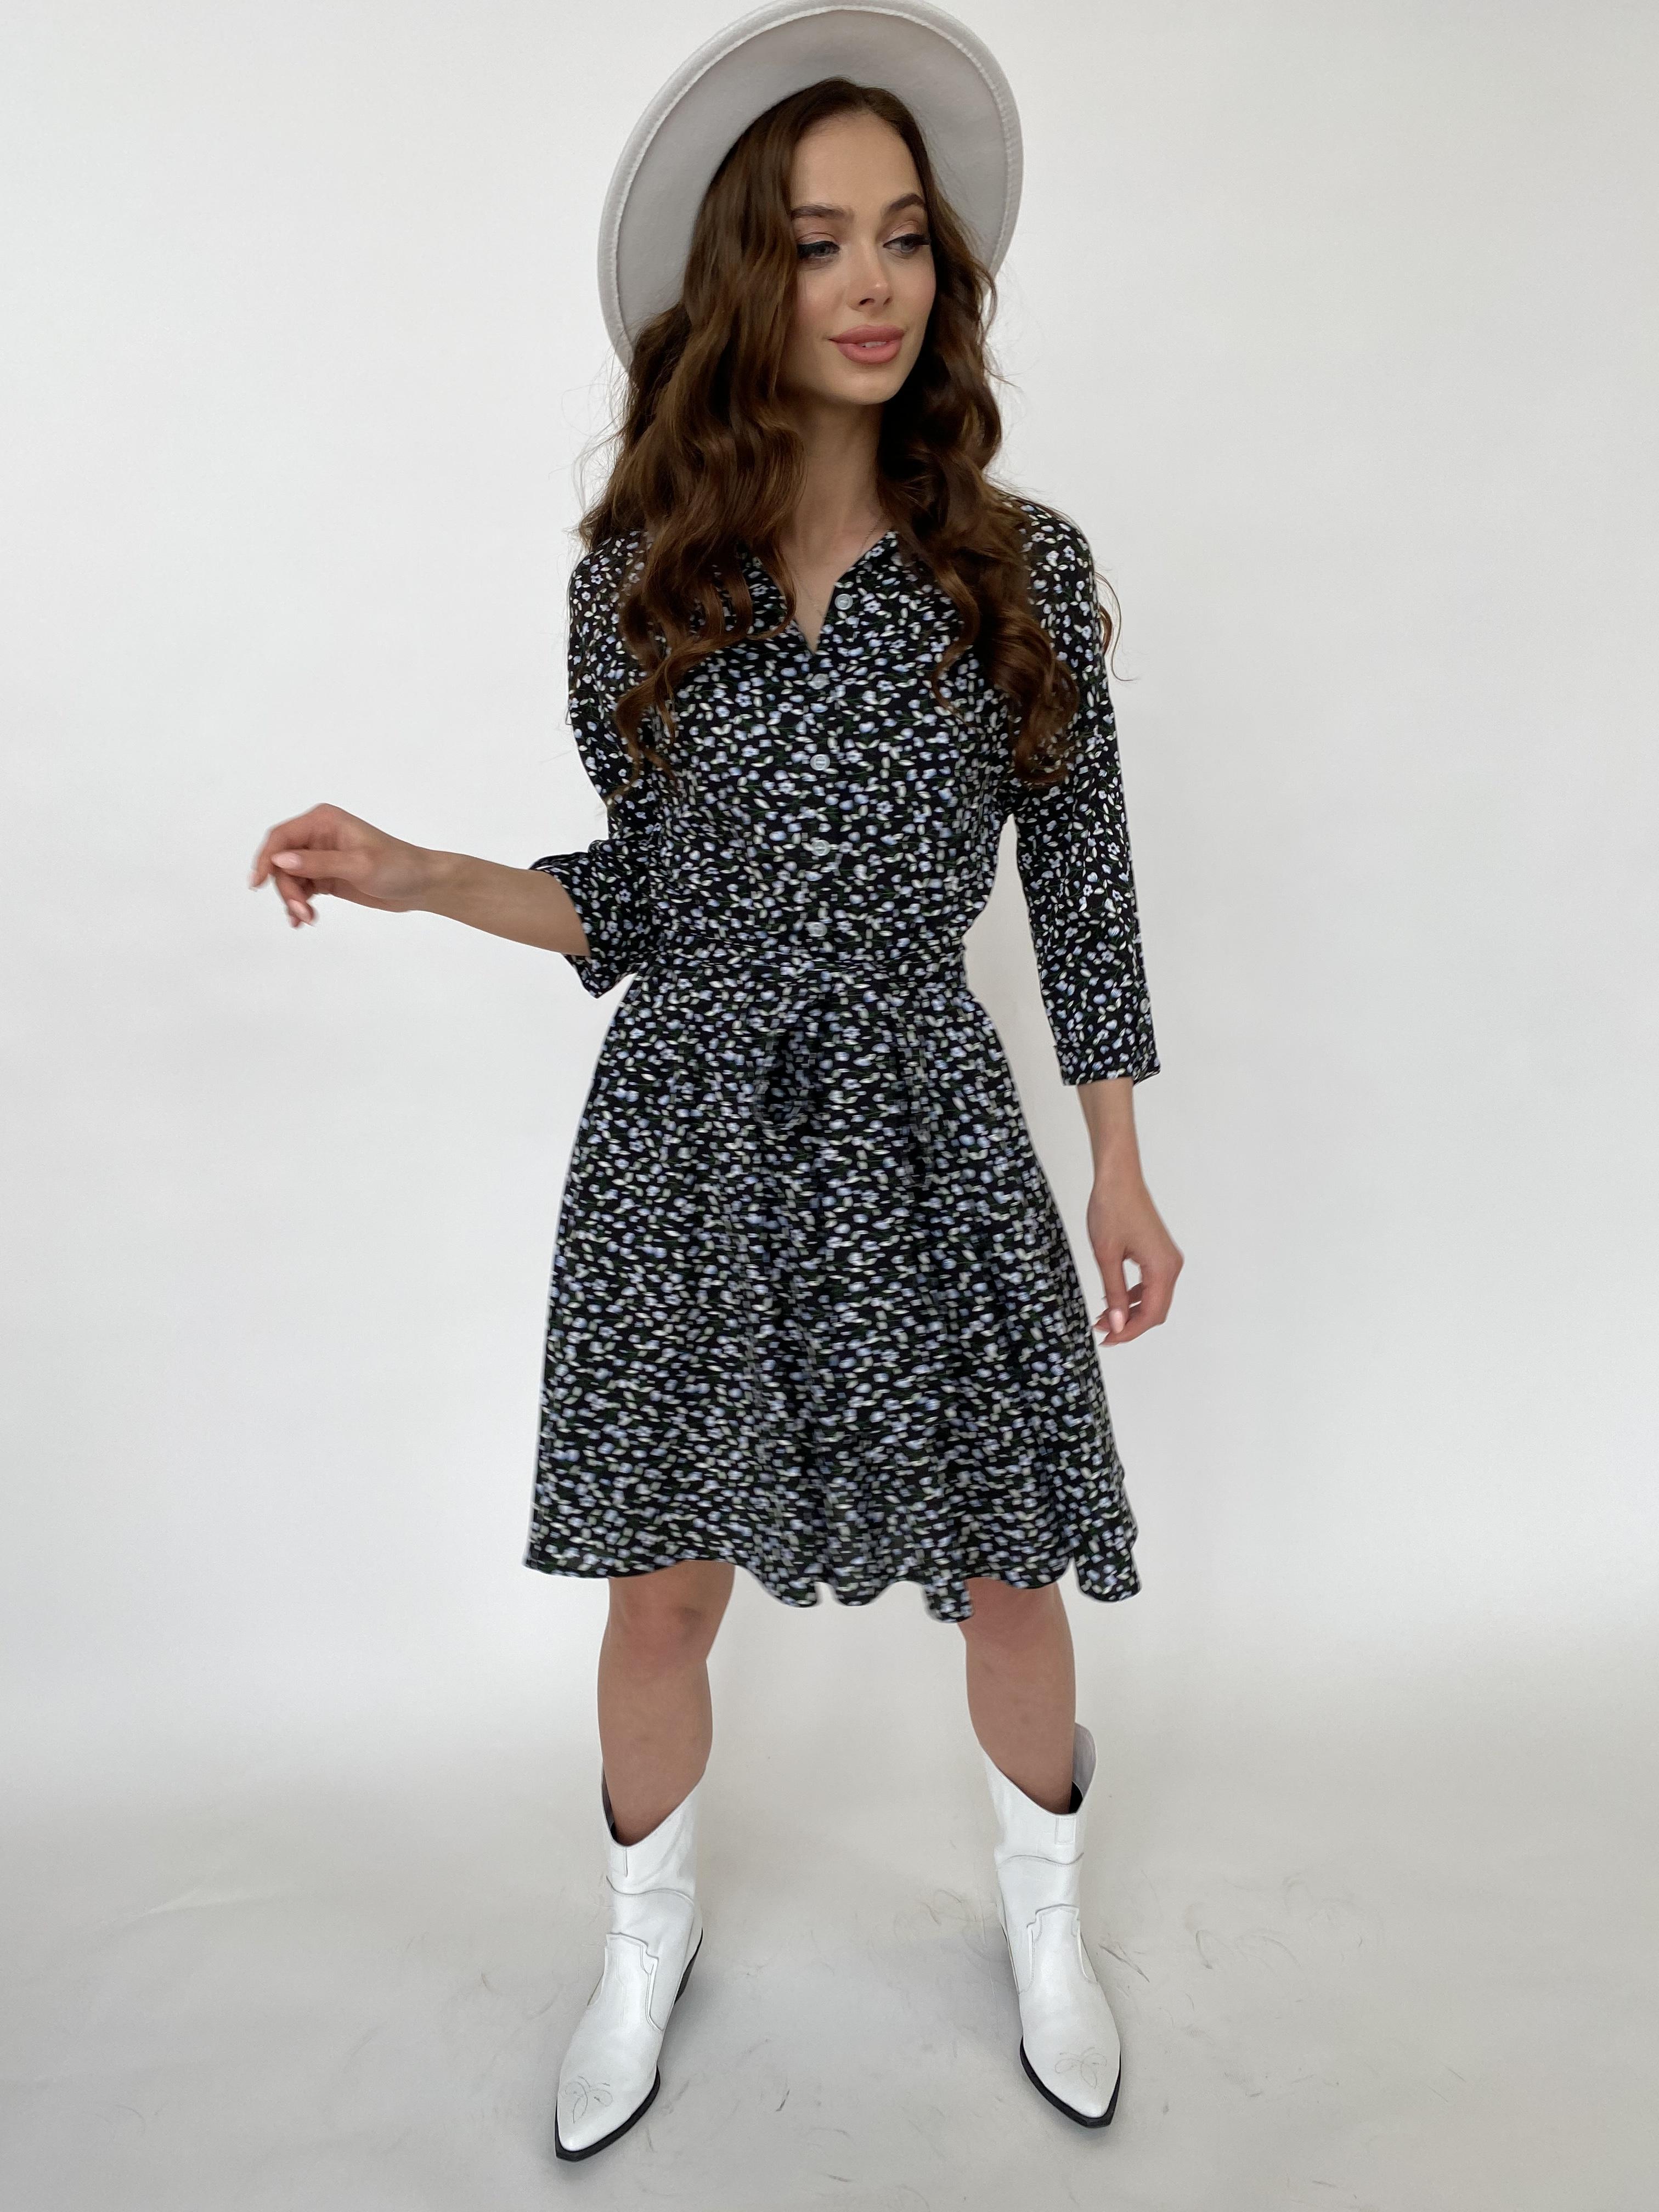 Санжар платье штапель принт 10940 АРТ. 47421 Цвет: Цветы мел черн/бел/гол - фото 2, интернет магазин tm-modus.ru